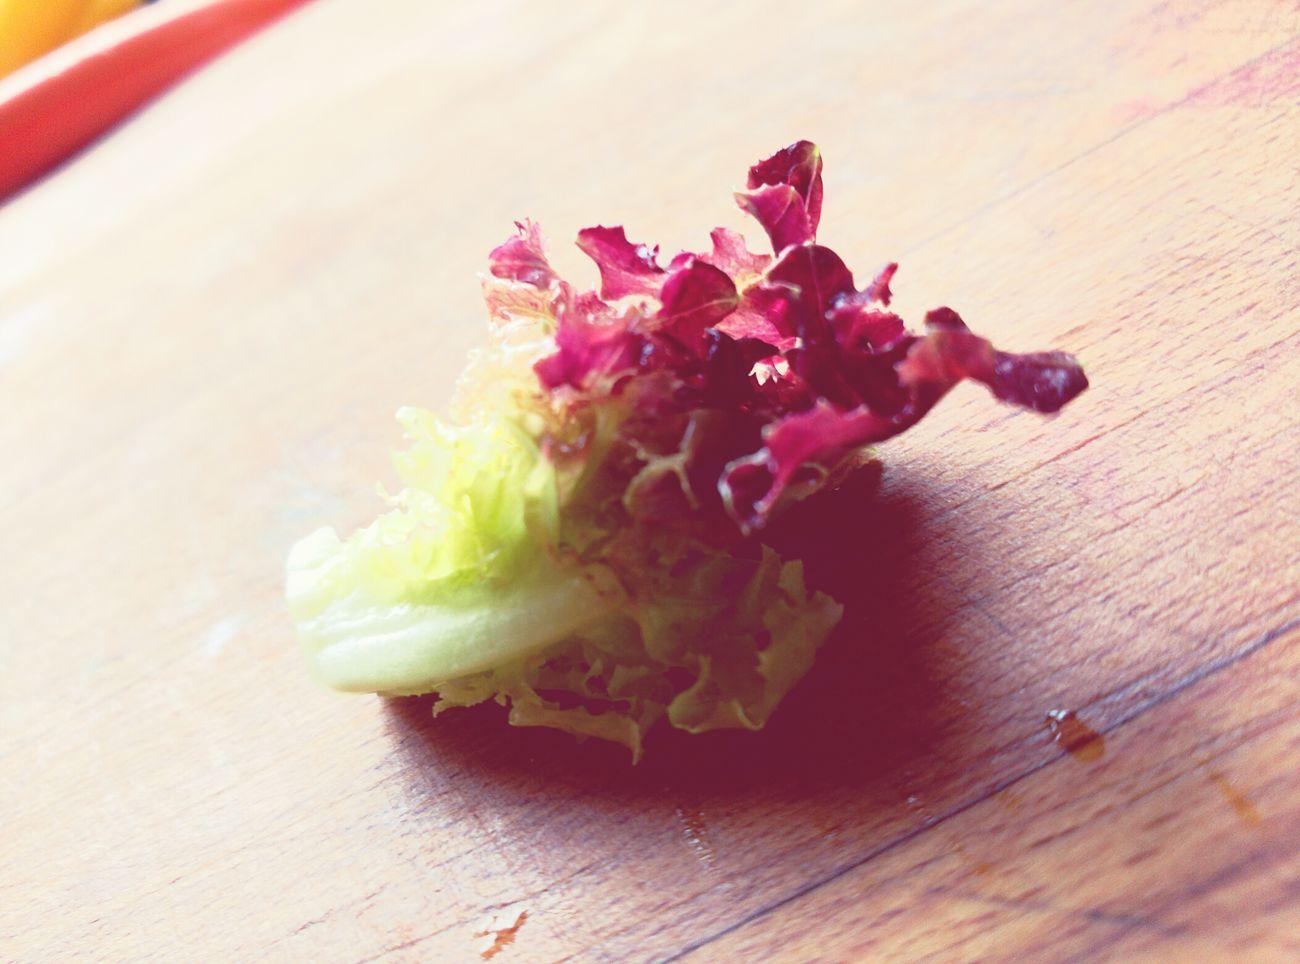 Salad Salad Ensalada Enciam Lechuga Verdun Sano! Delicious Bonissim